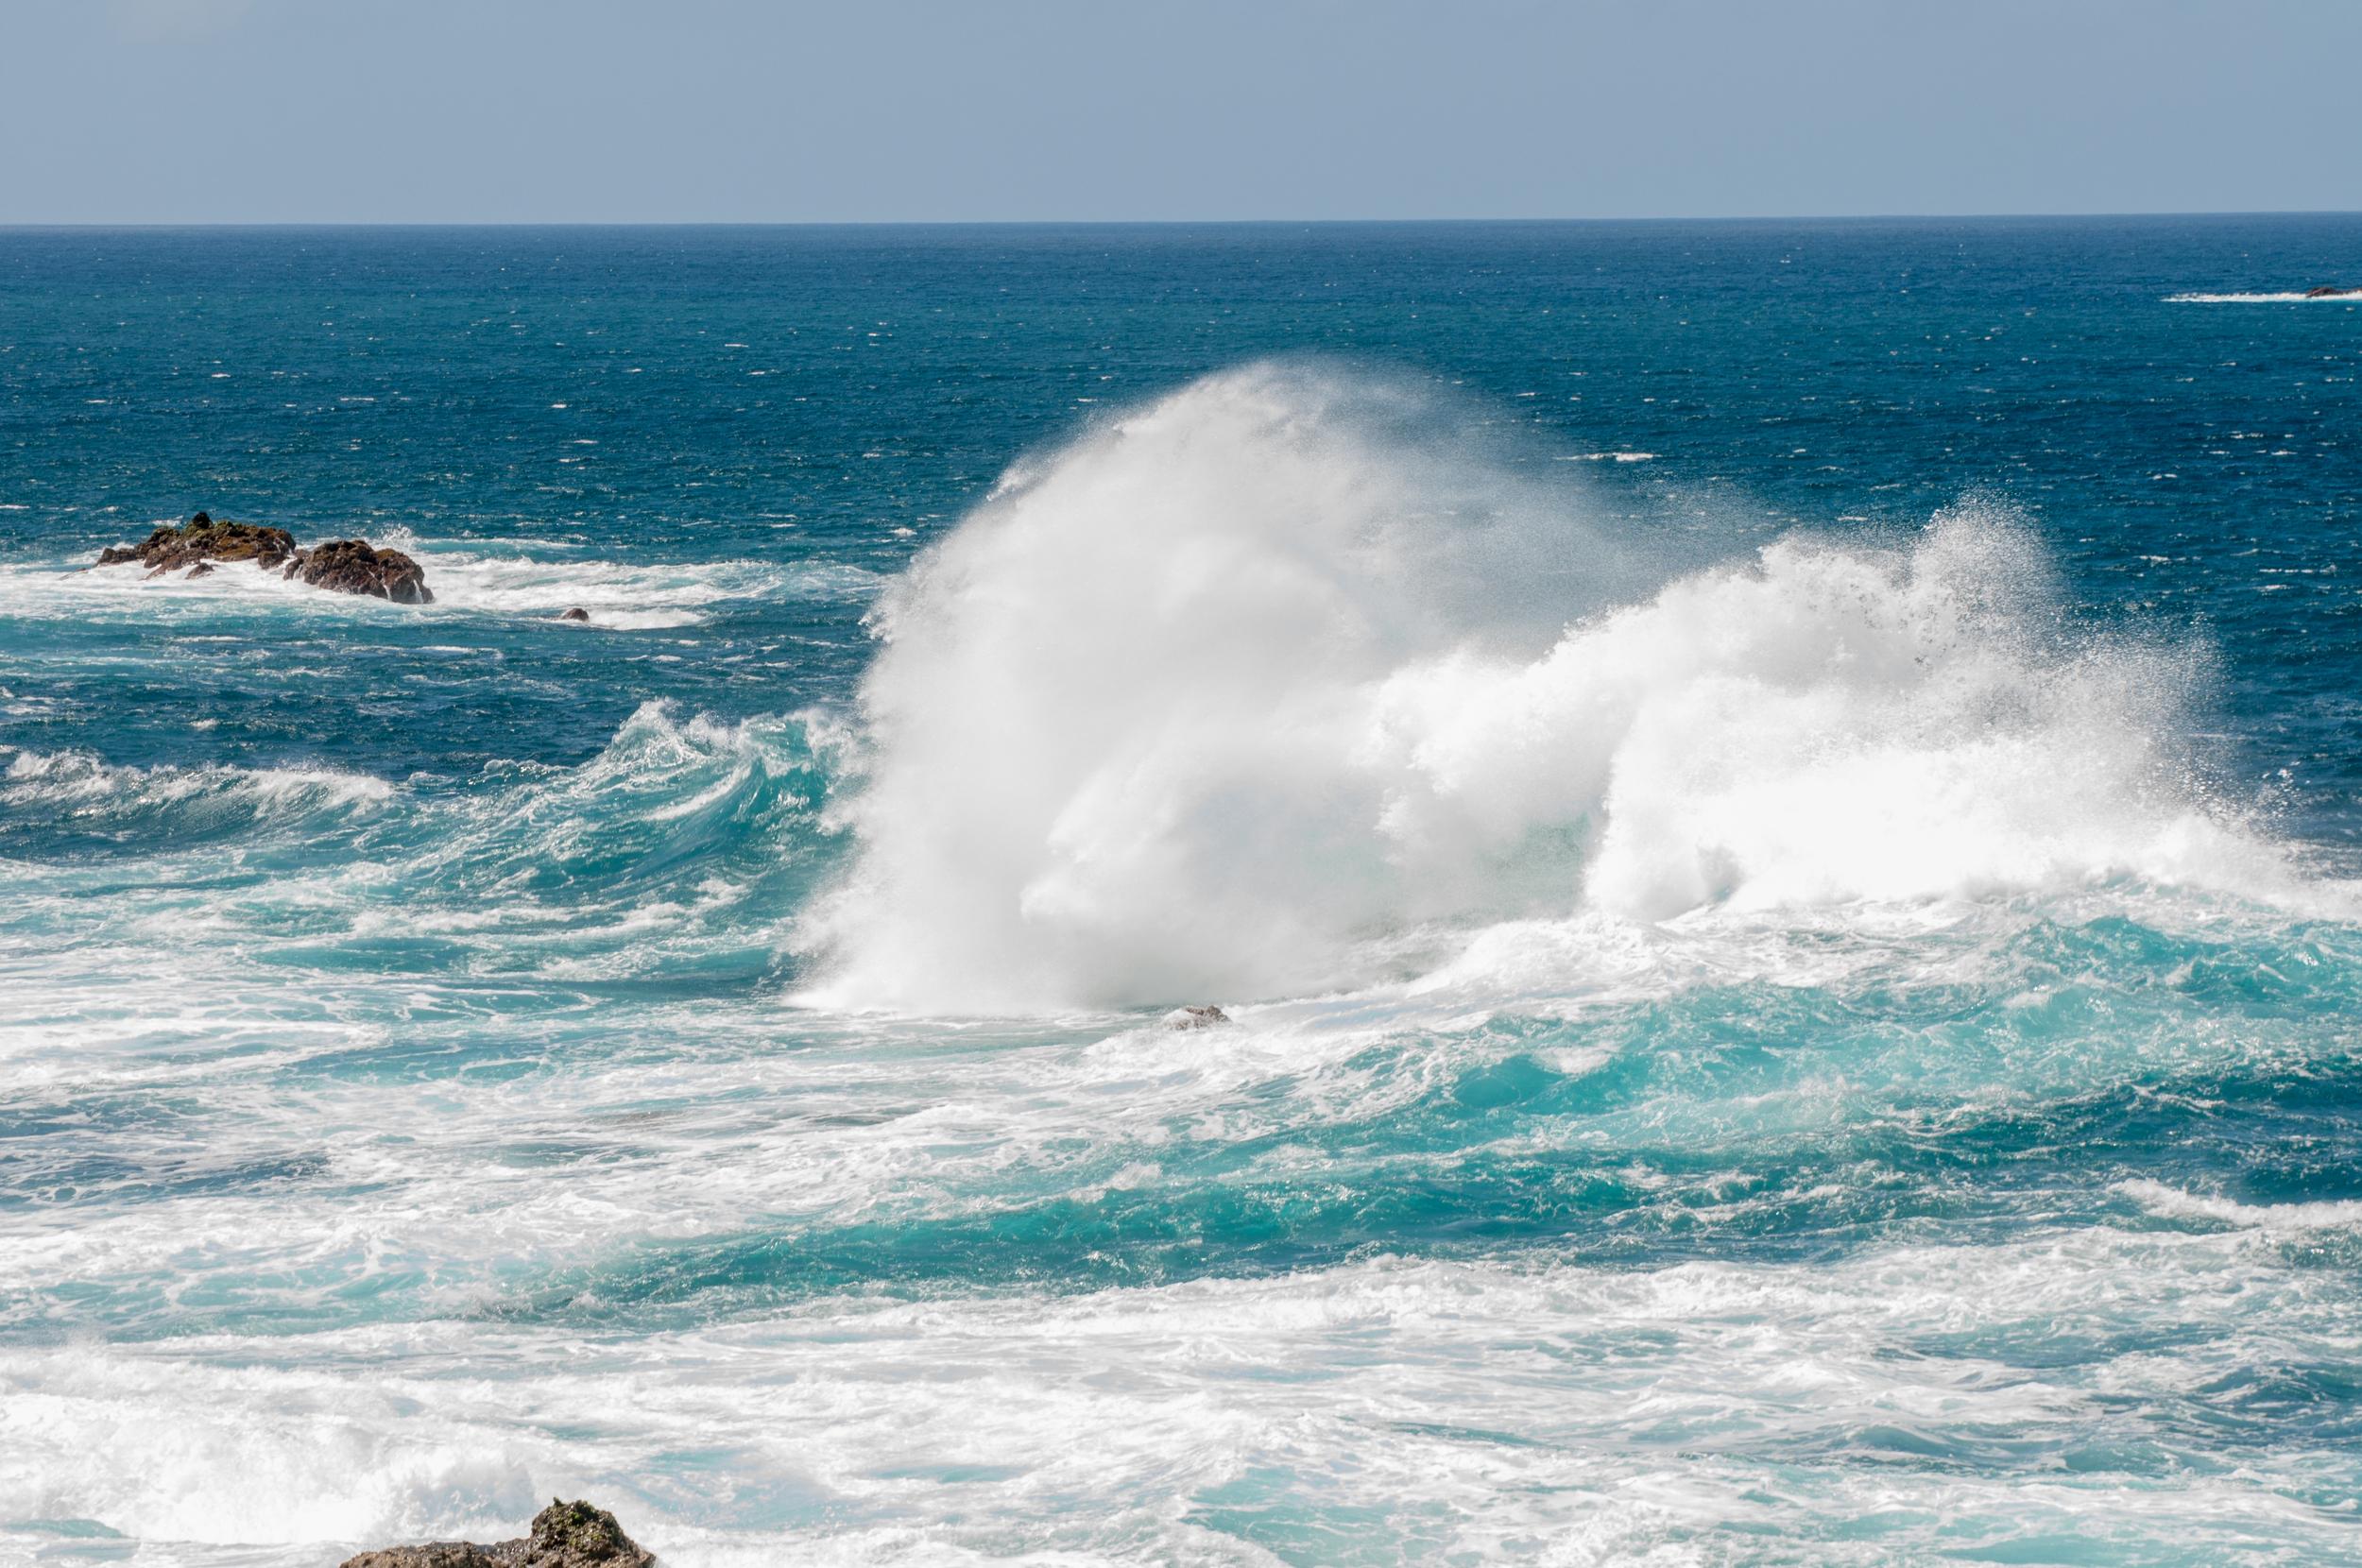 fale na oceanie, Madera - 150424 - DSC_4373.JPG